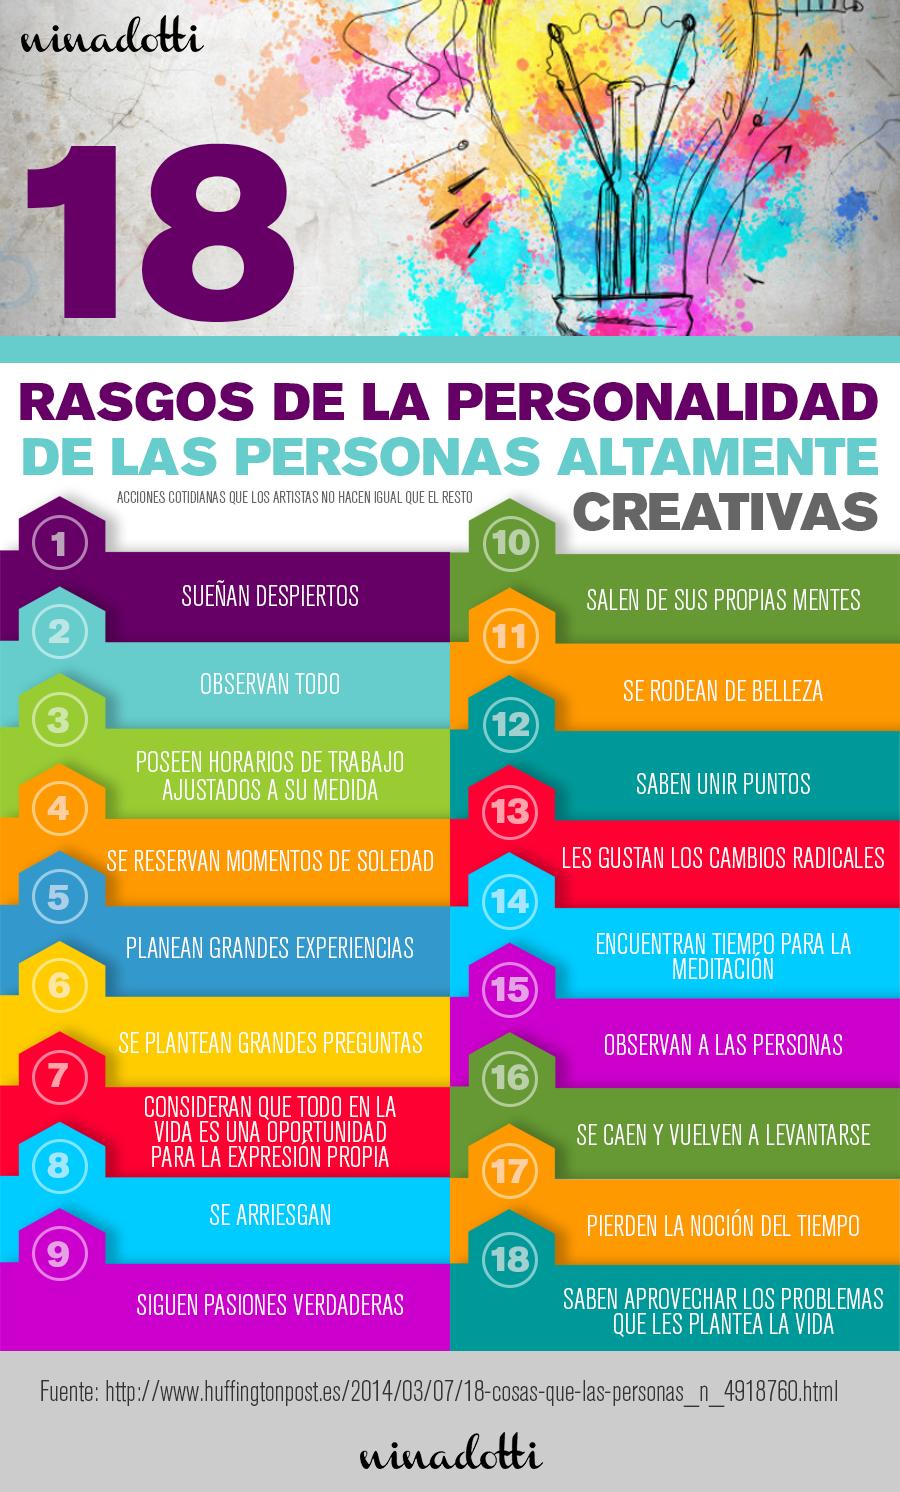 Rasgos De La Personalidad De Las Personas Altamente Creativas Infografia Creatividad Infografias Creativas Infografia